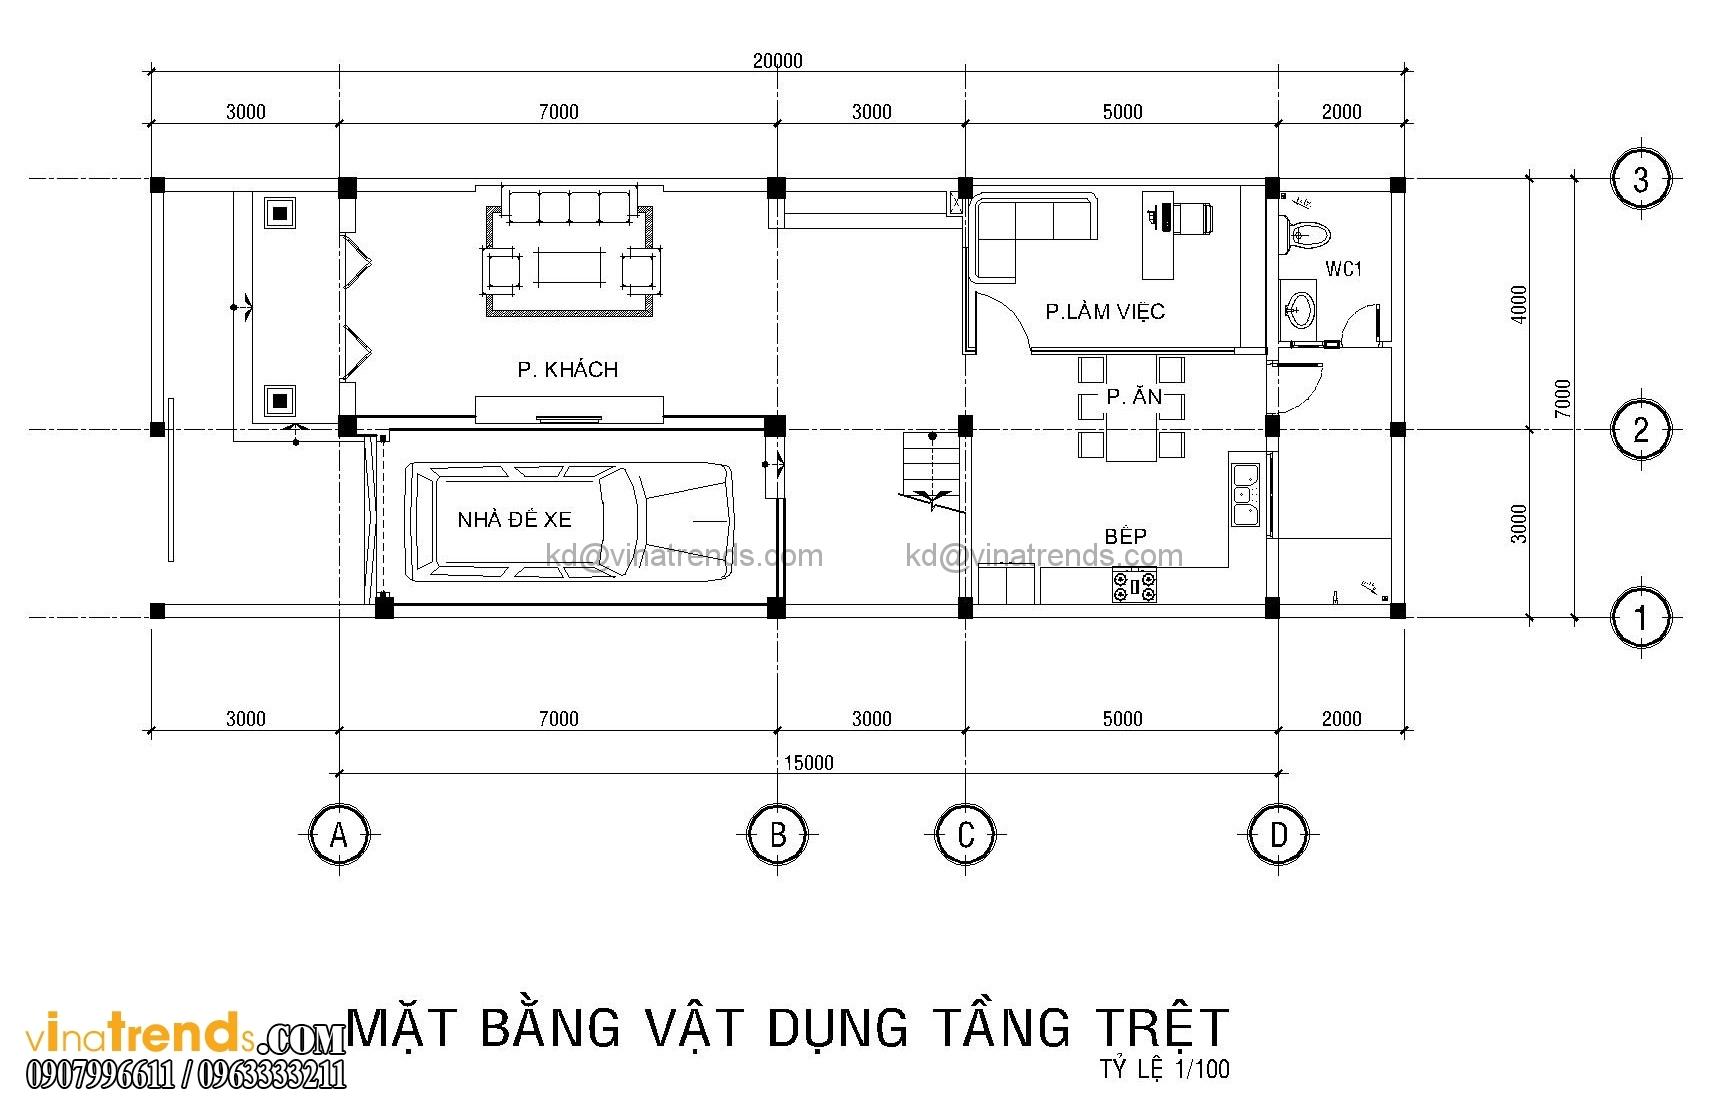 mb biet thu co dien dep 2 Thiết kế biệt thự tân cổ điển Pháp 4 tầng 7x15m kiêu sa tráng lệ anh Ẩn Quận 12   BTCD090316A